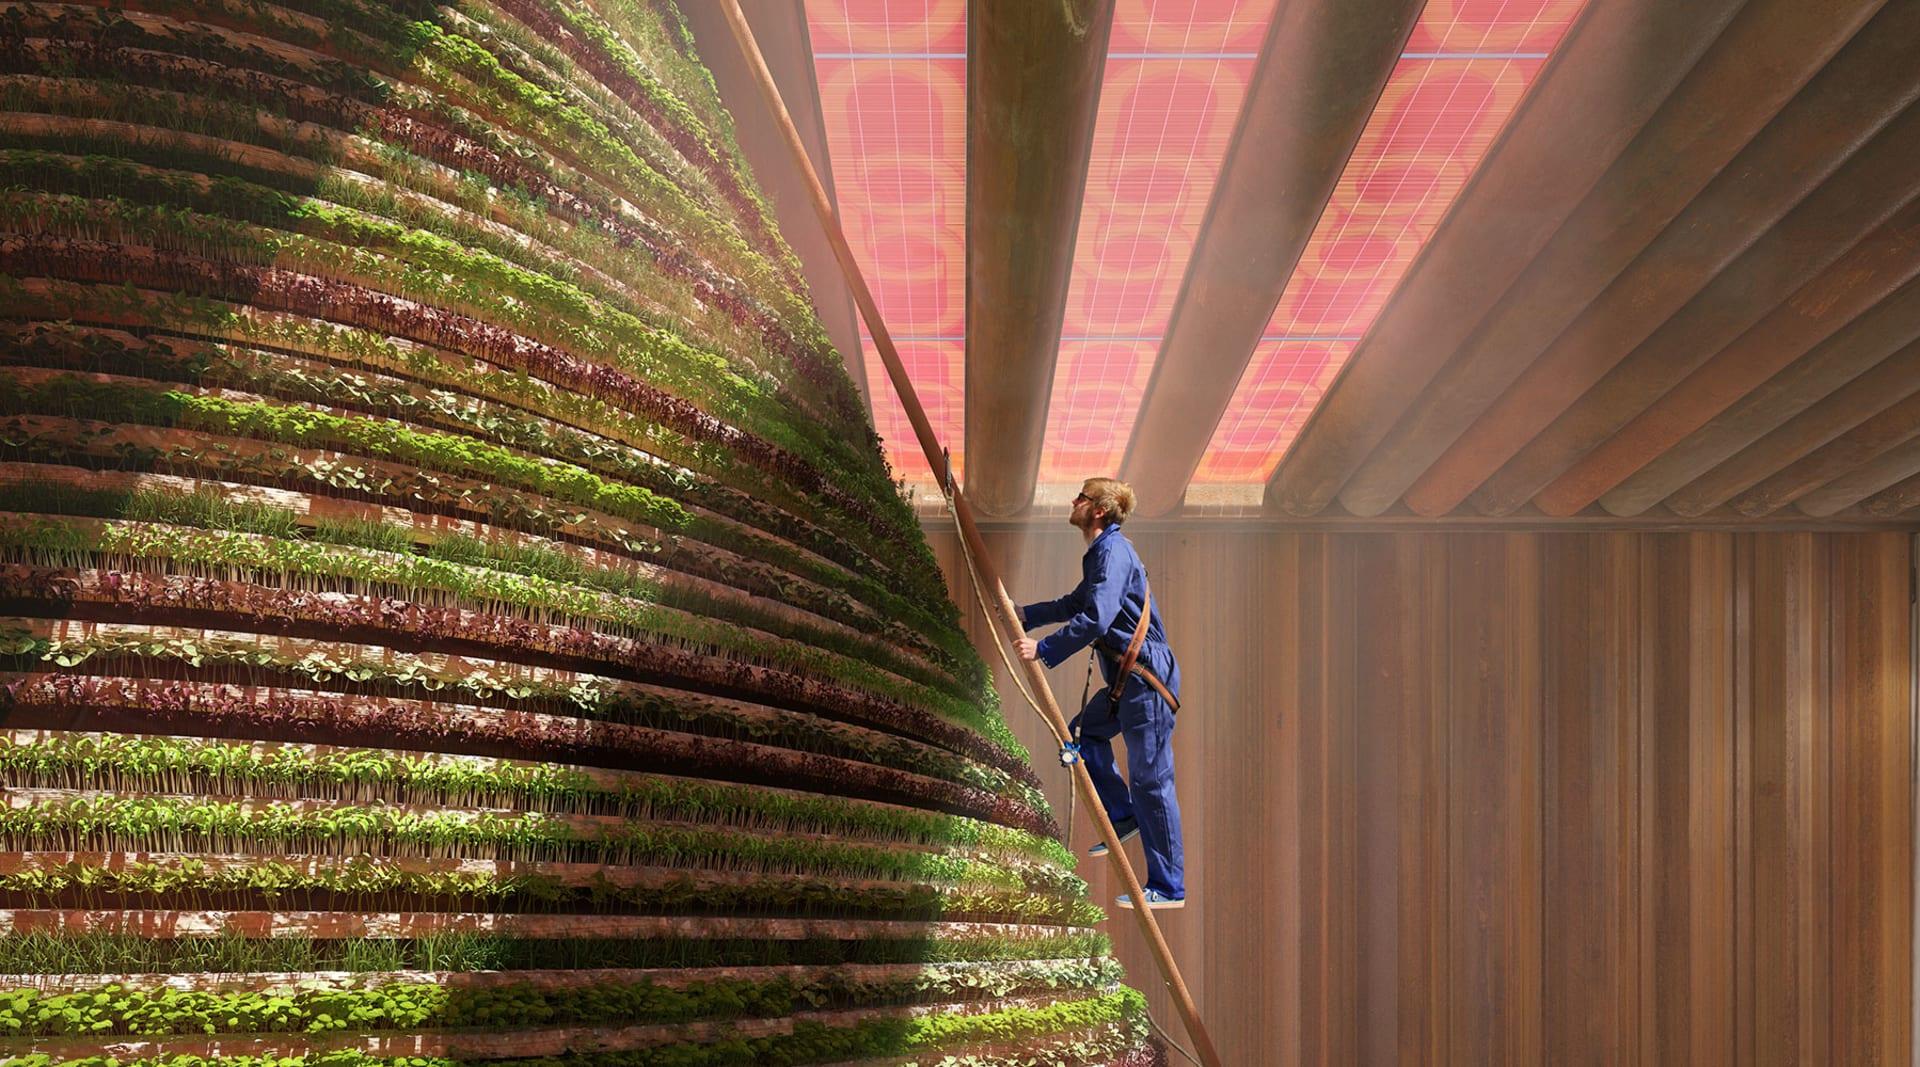 WEB Dutch pavilion harvesting V8 Architects